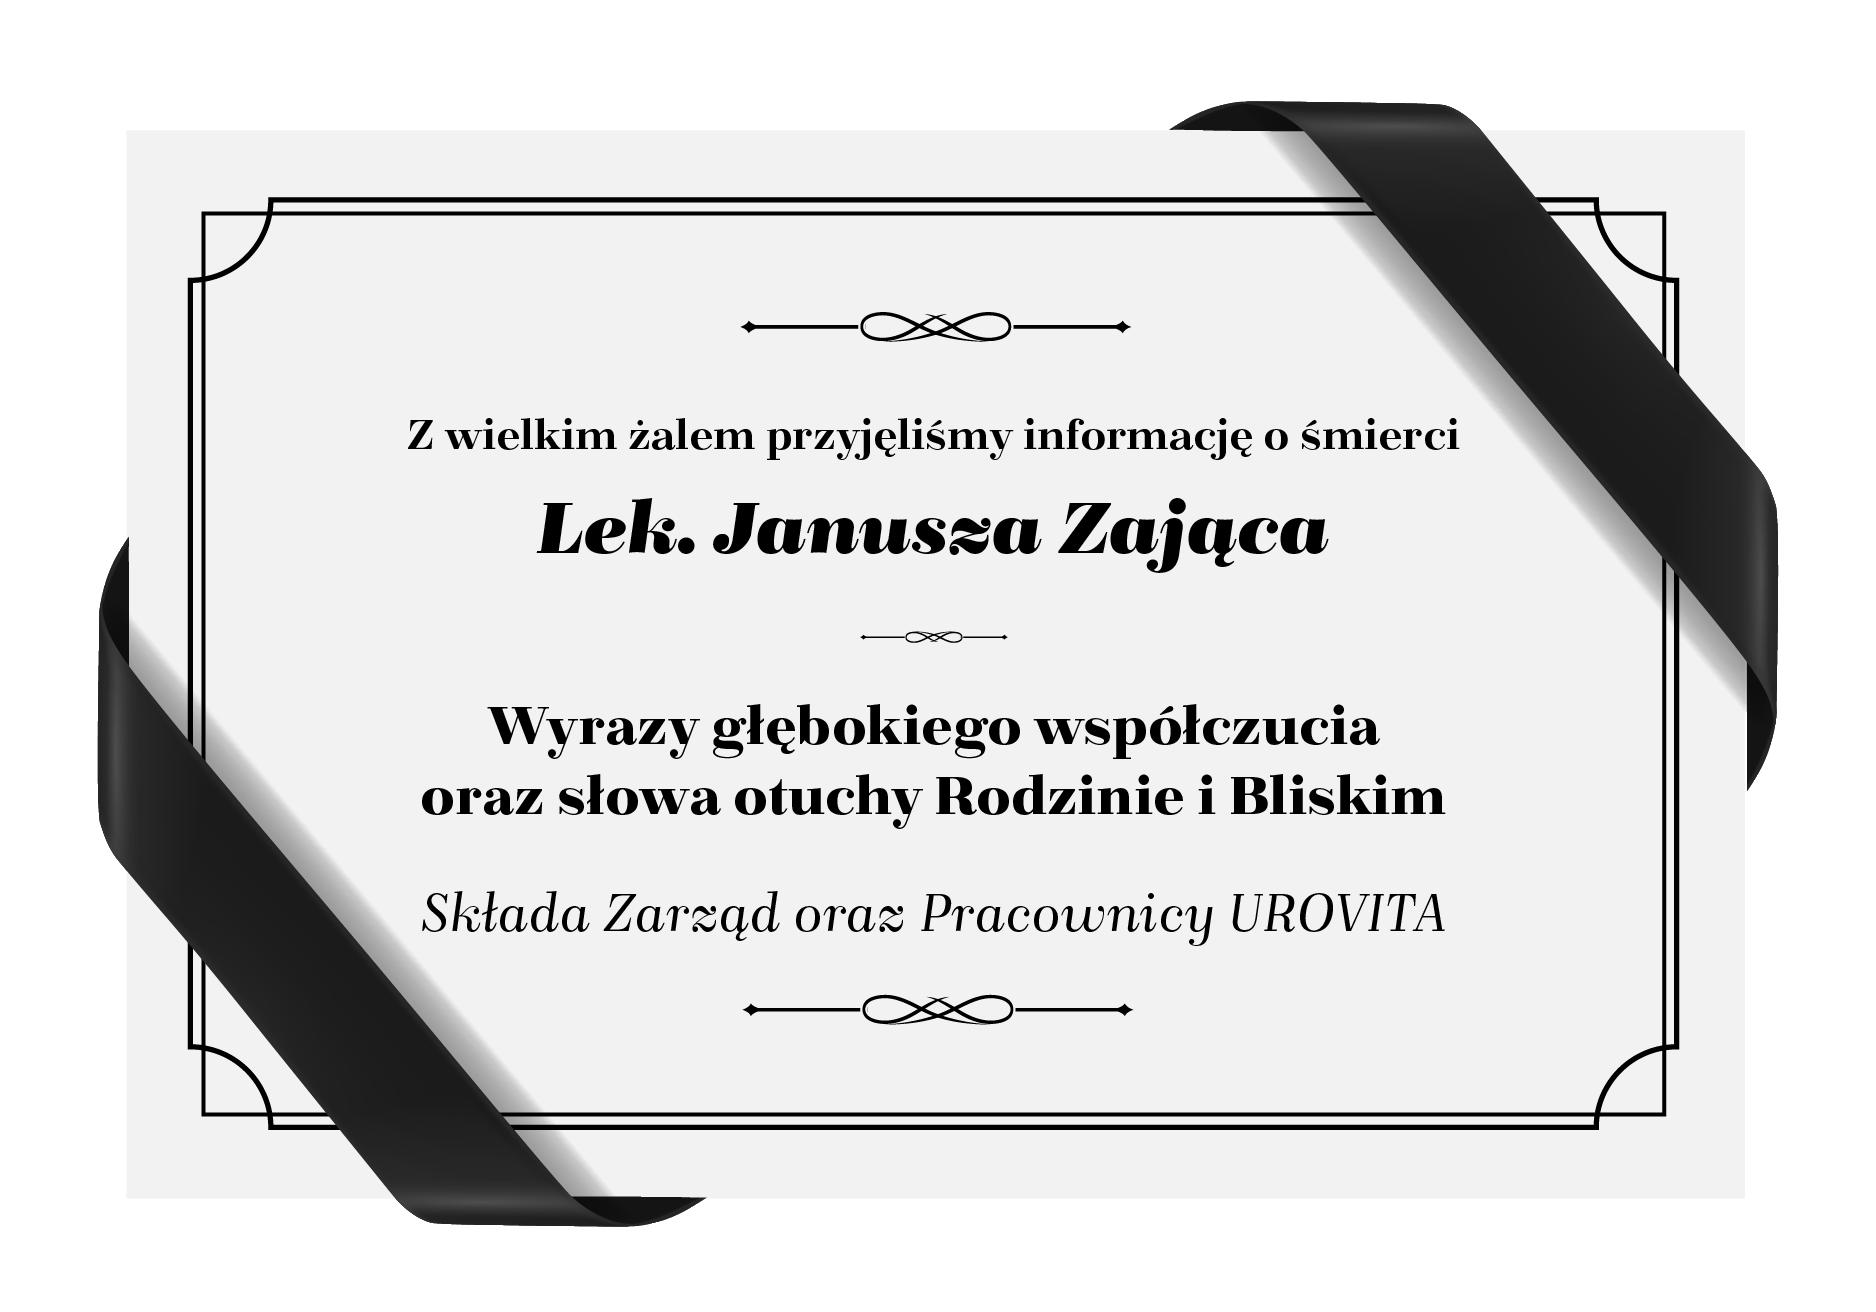 Pożegnanie Lek. Janusza Zająca